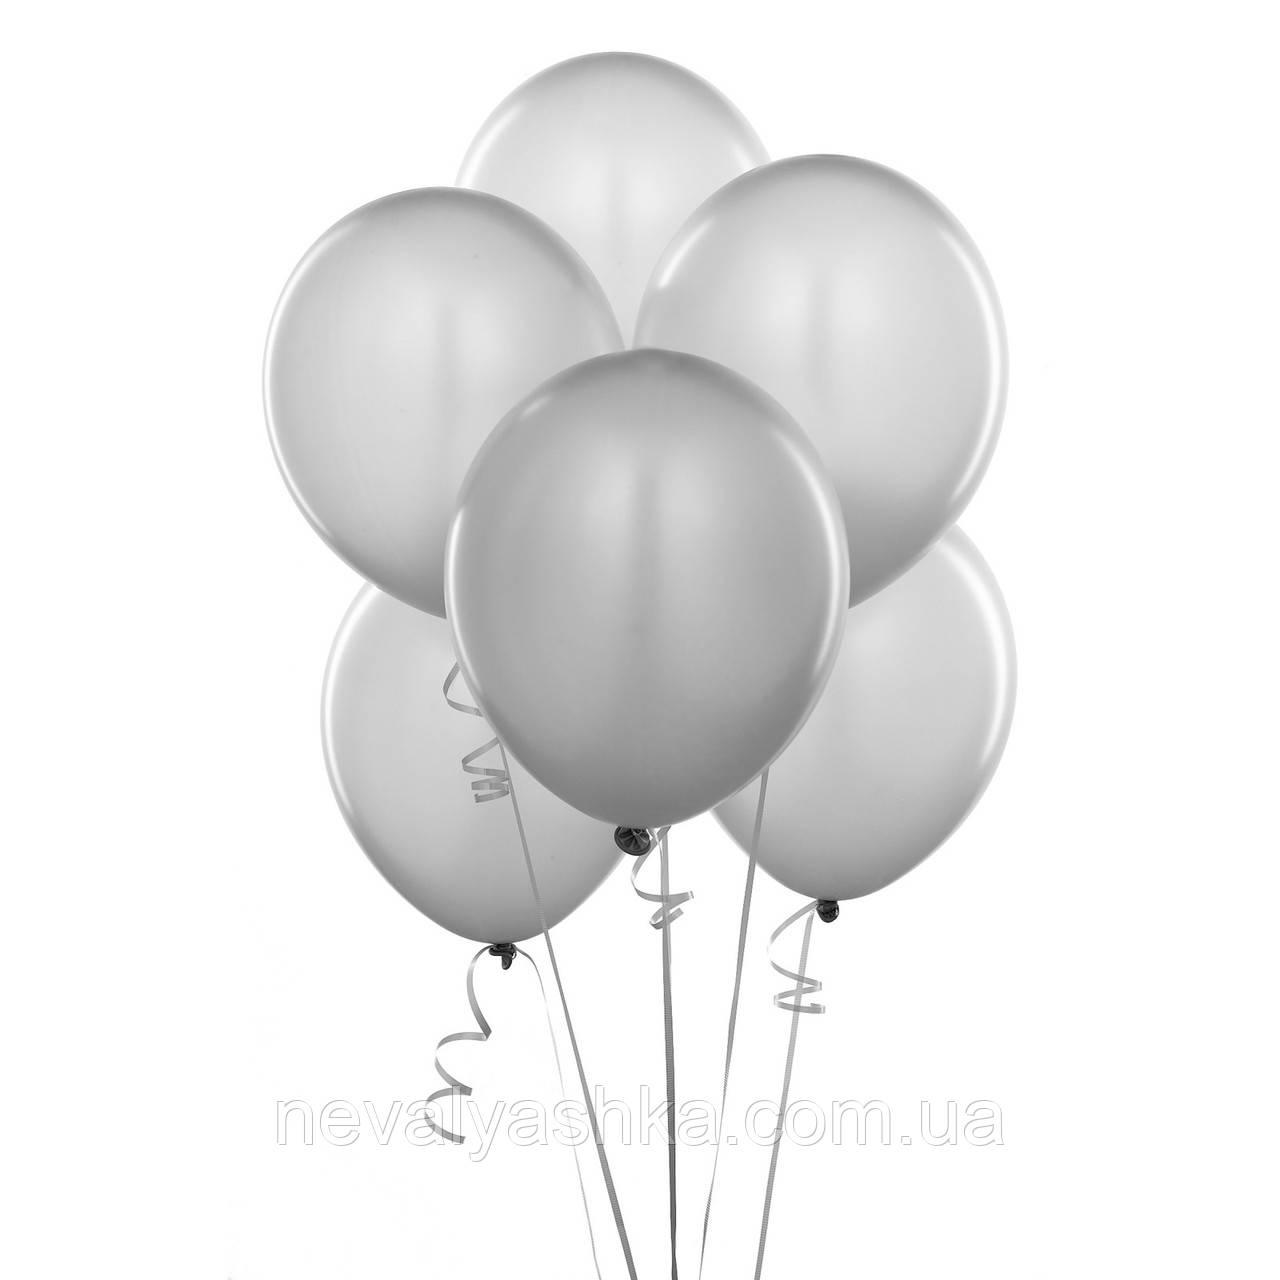 Шар Воздушный Серый Цвет 12 Латексные Шары Серые Шарики Надувные Воздушные Летекс 004316